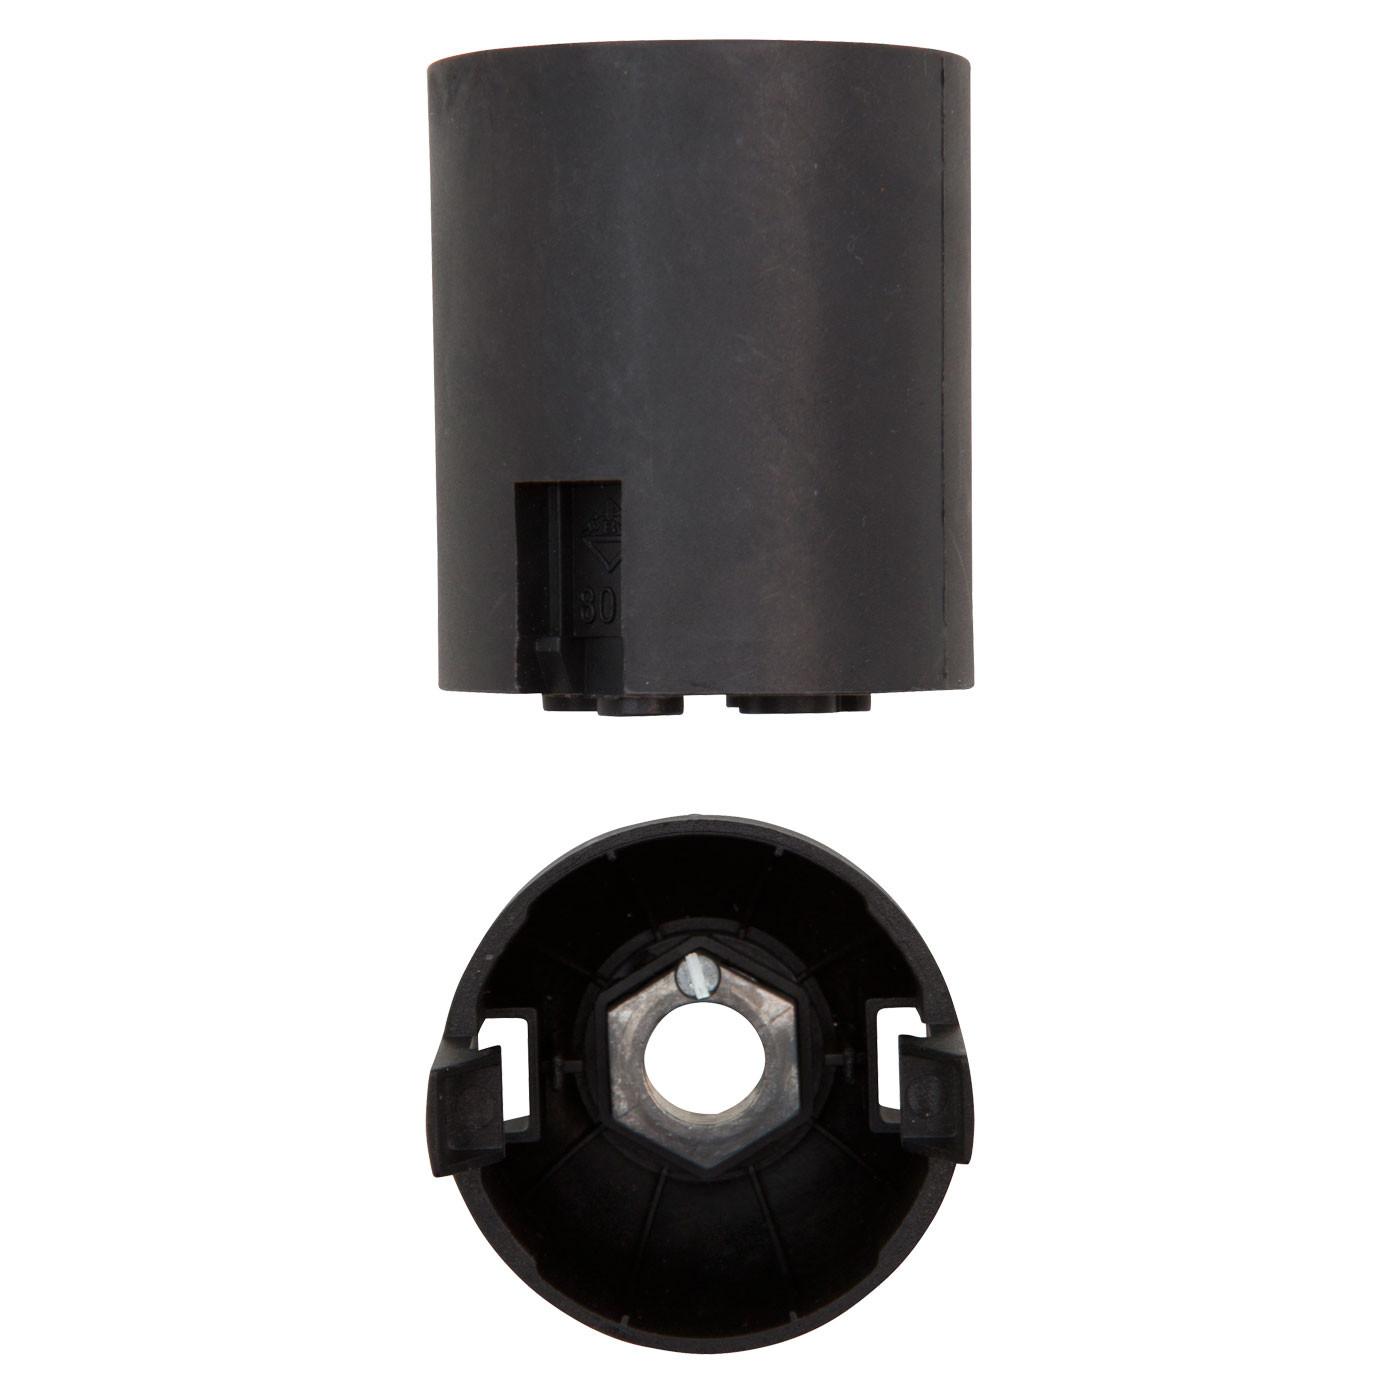 Flos Ersatzteile für Glo-Ball T2